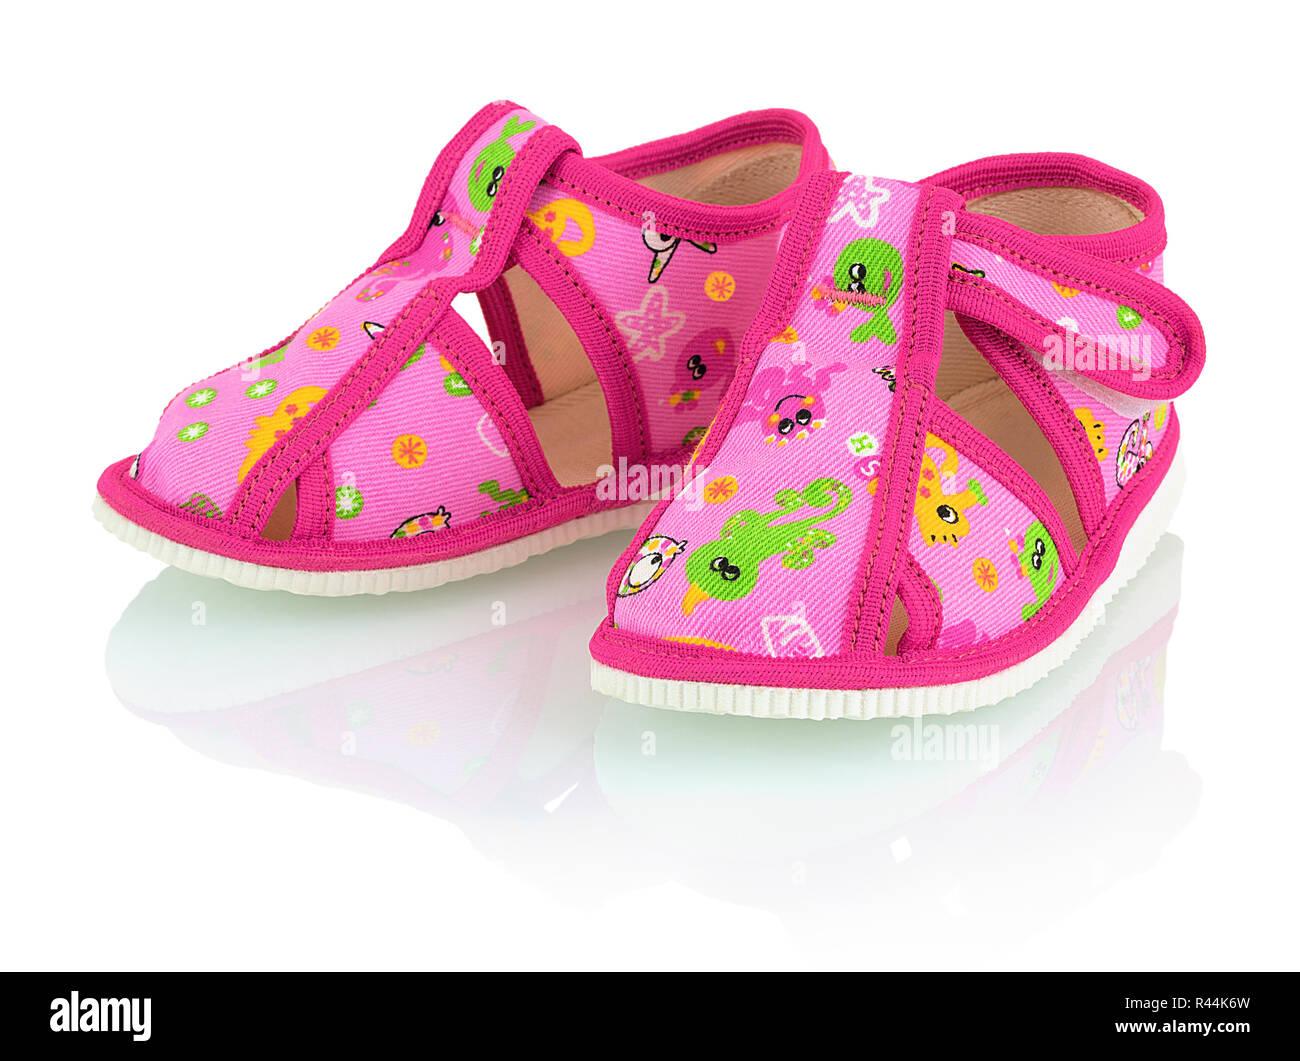 quality design 361d4 253cc Bambini pantofole rosa isolato su sfondo bianco con ombre di ...